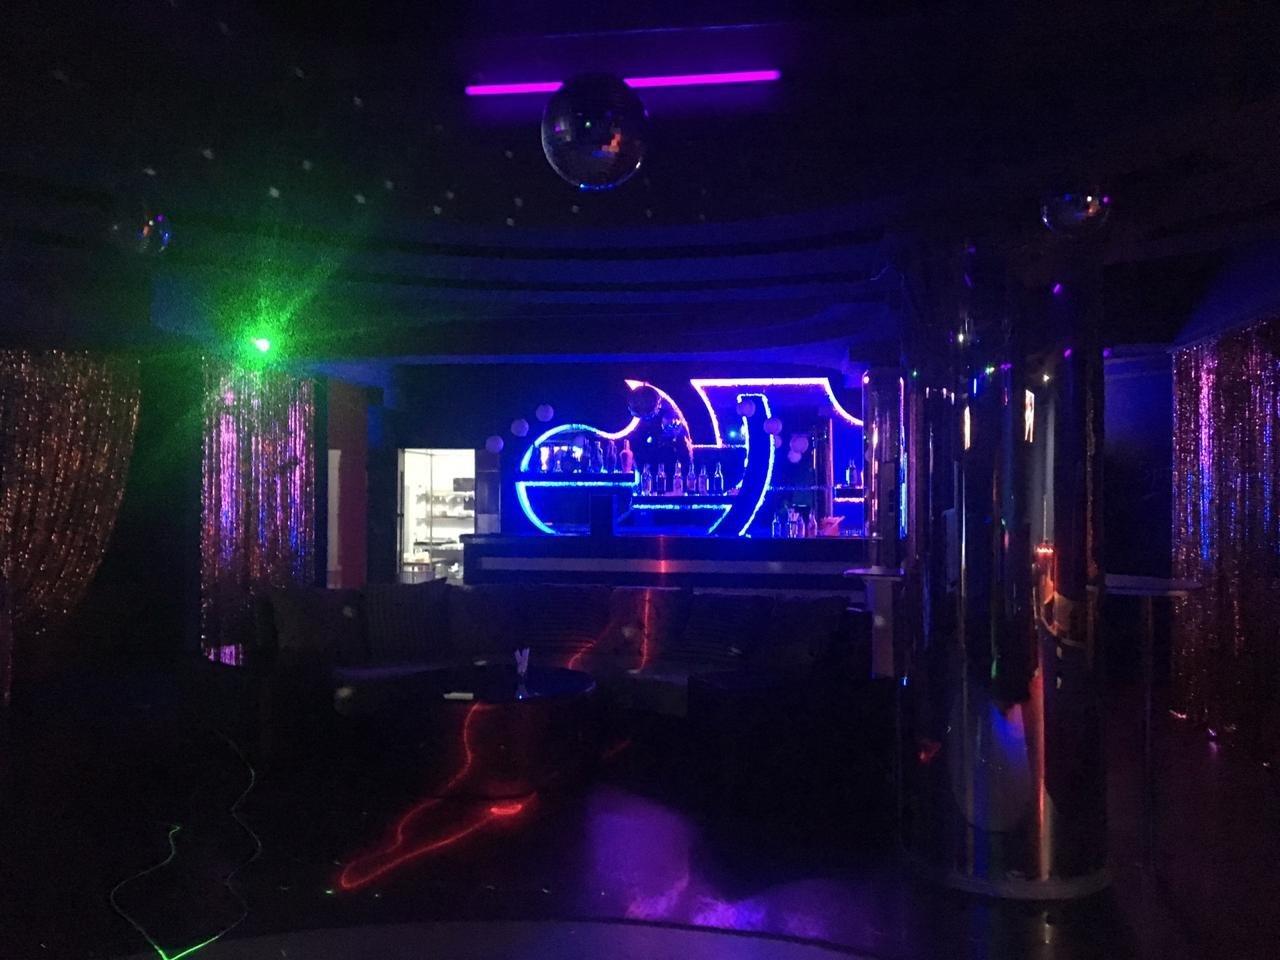 Ночной клуб в казани вход бесплатный ночные клубы в куркино